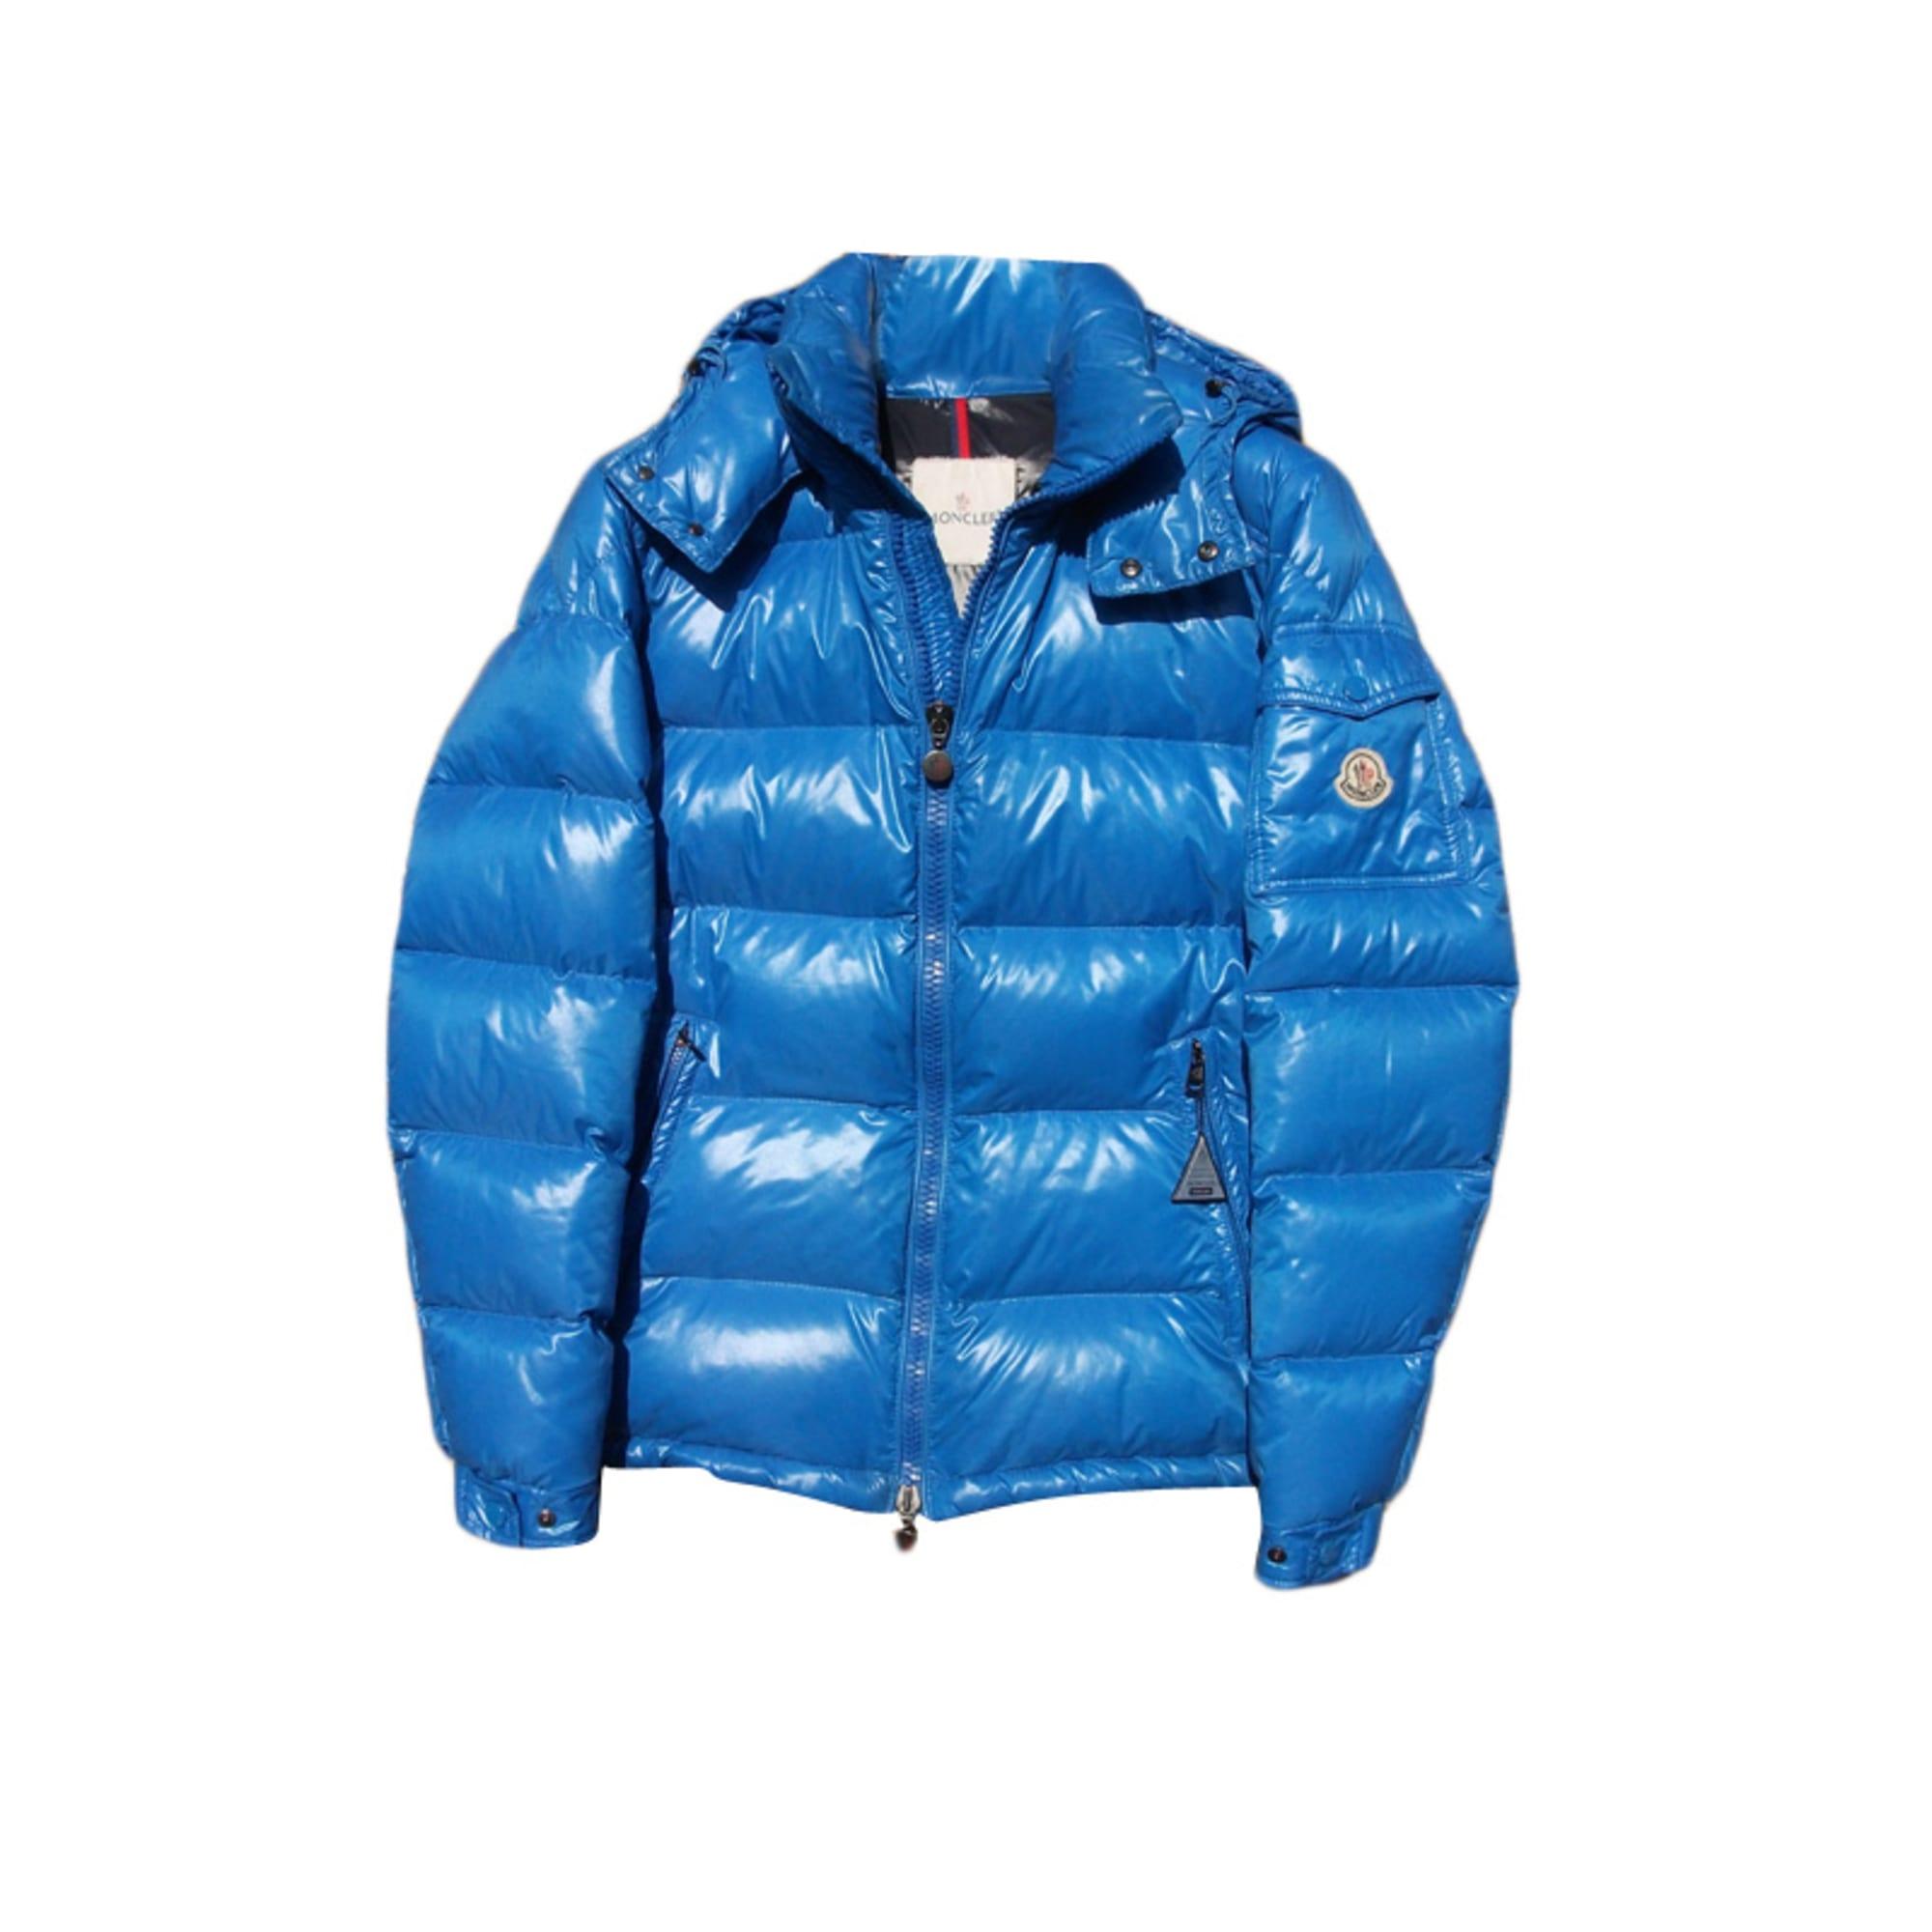 Doudoune MONCLER 52 (L) bleu vendu par Laurent 954 - 3388907 a68a7163944